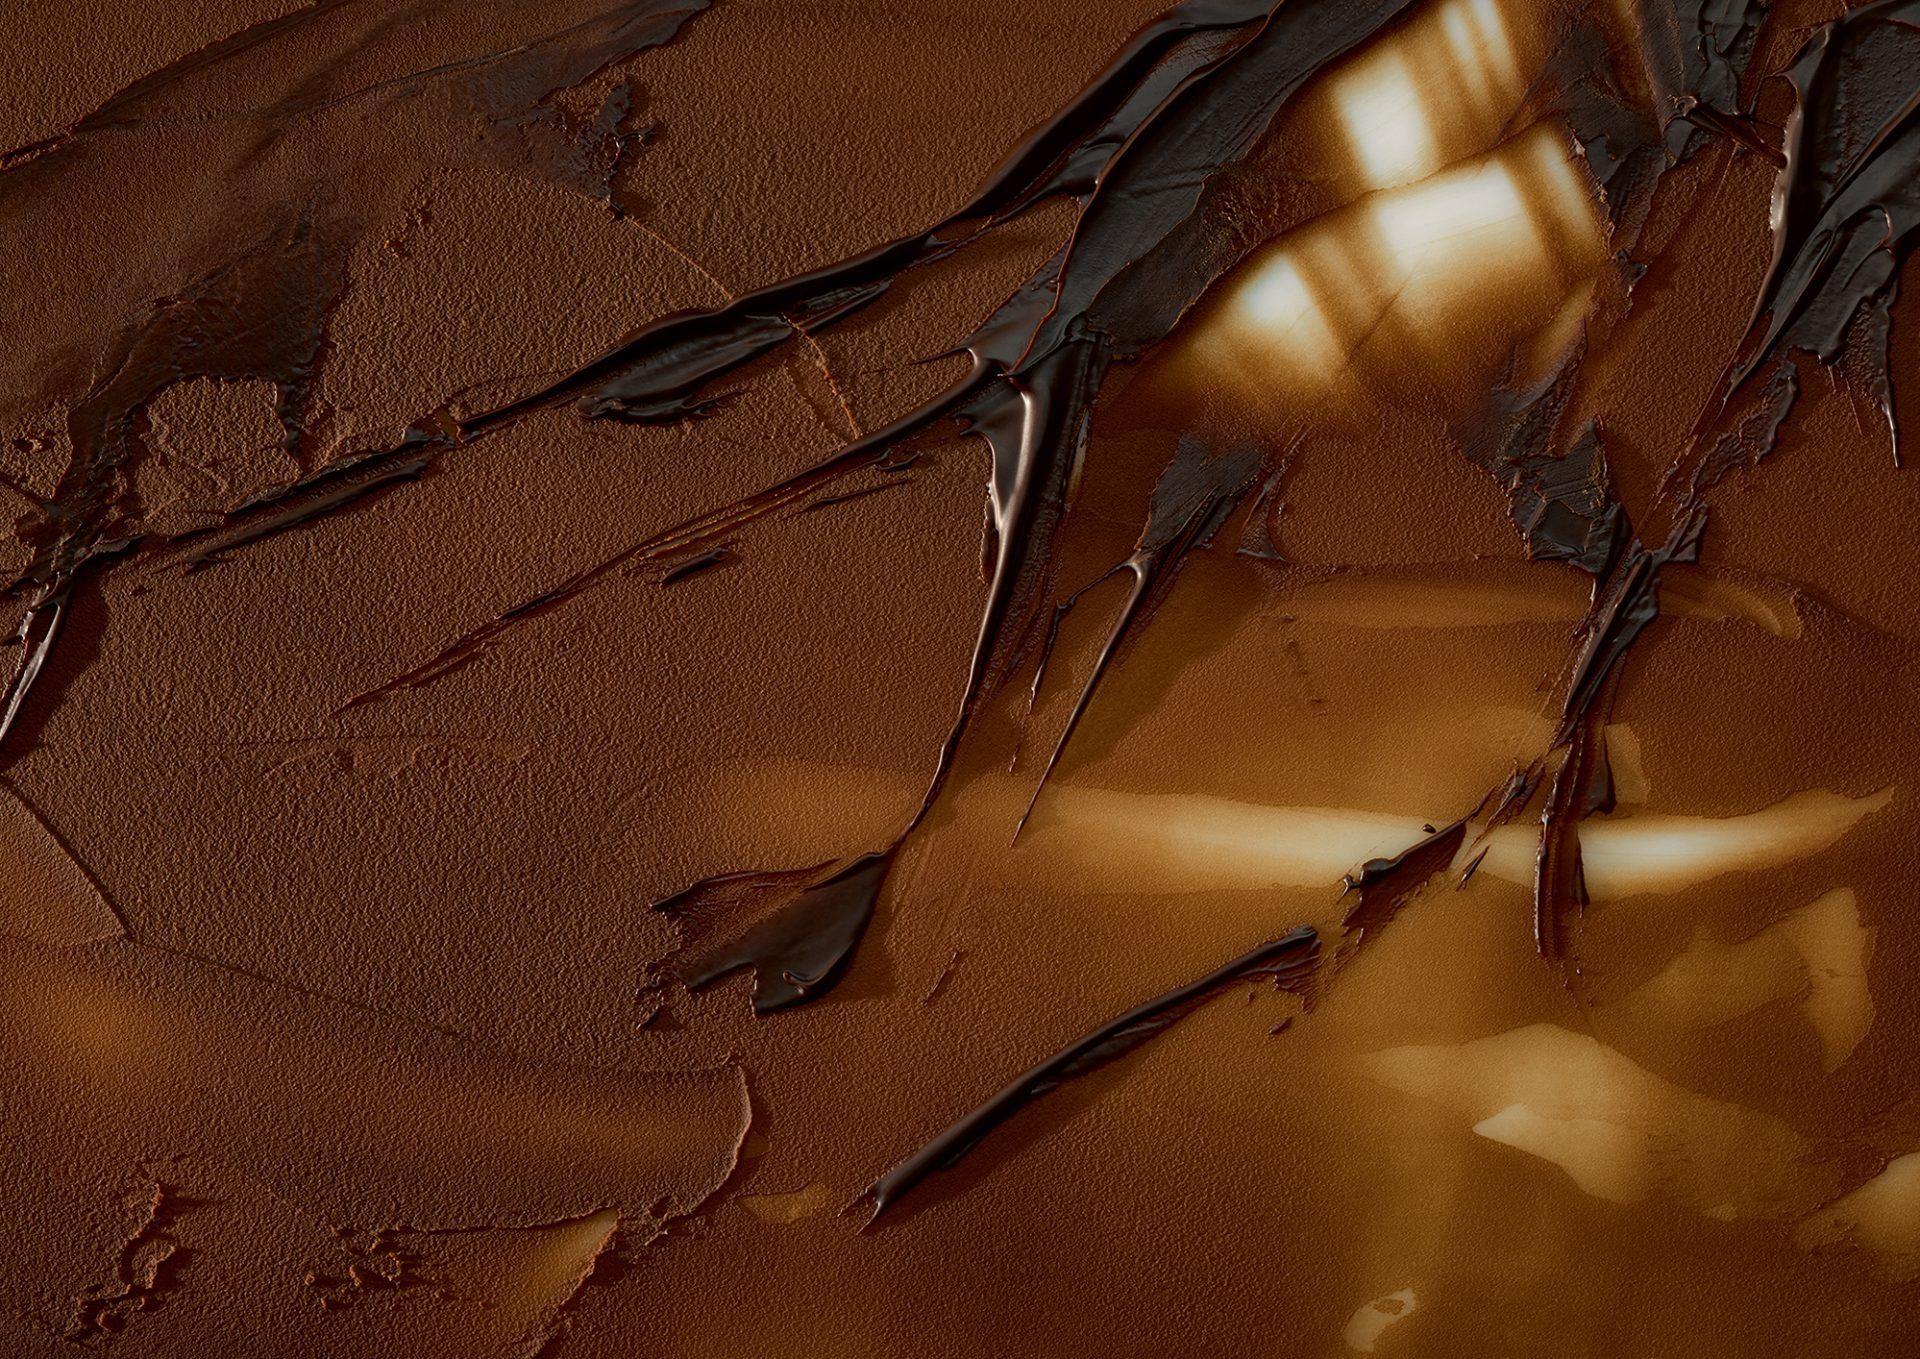 Neues Brand Design für die besten Schokoladen der Welt von Realgestalt, der Berliner Agentur für strategische Markenentwicklung.